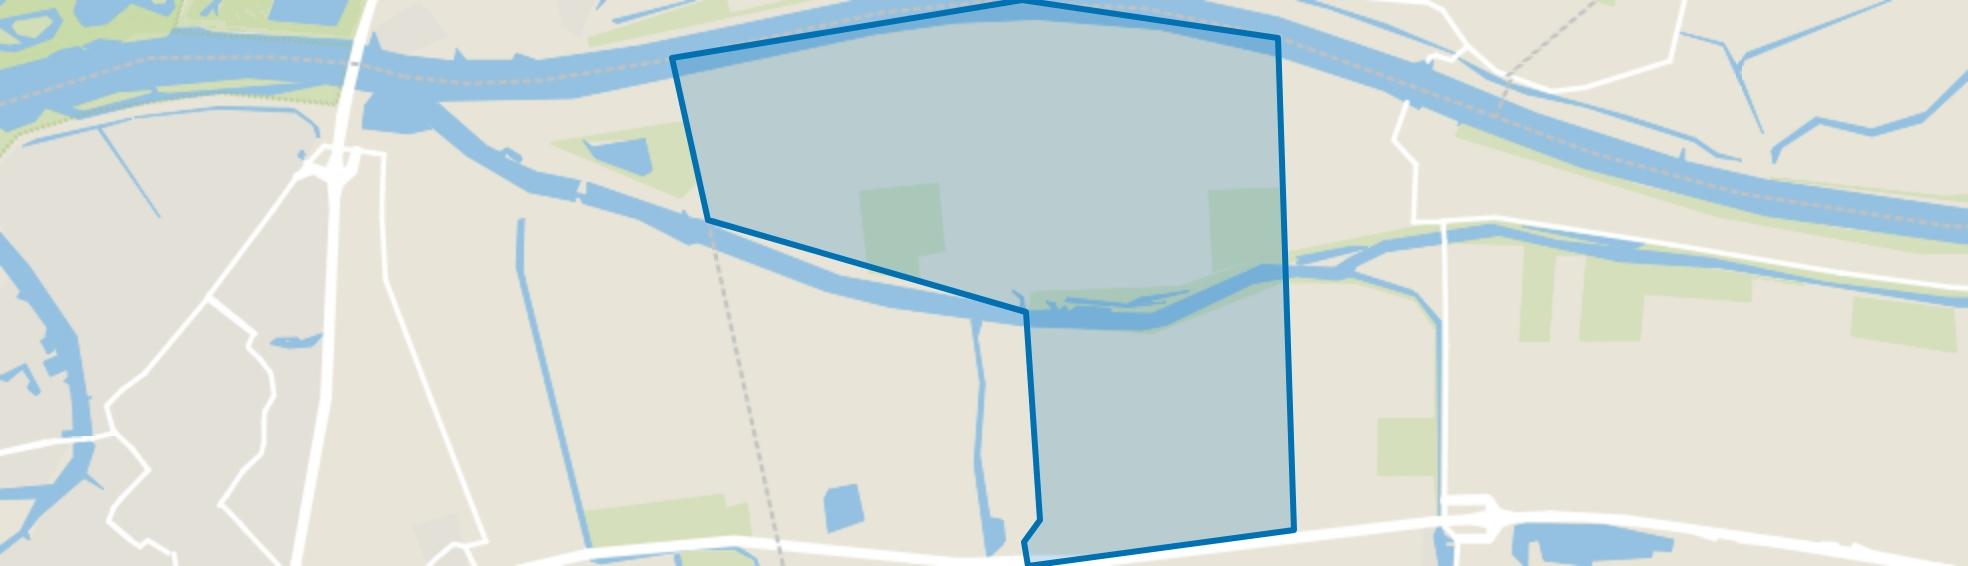 Buitengebied Waspik, Waspik map